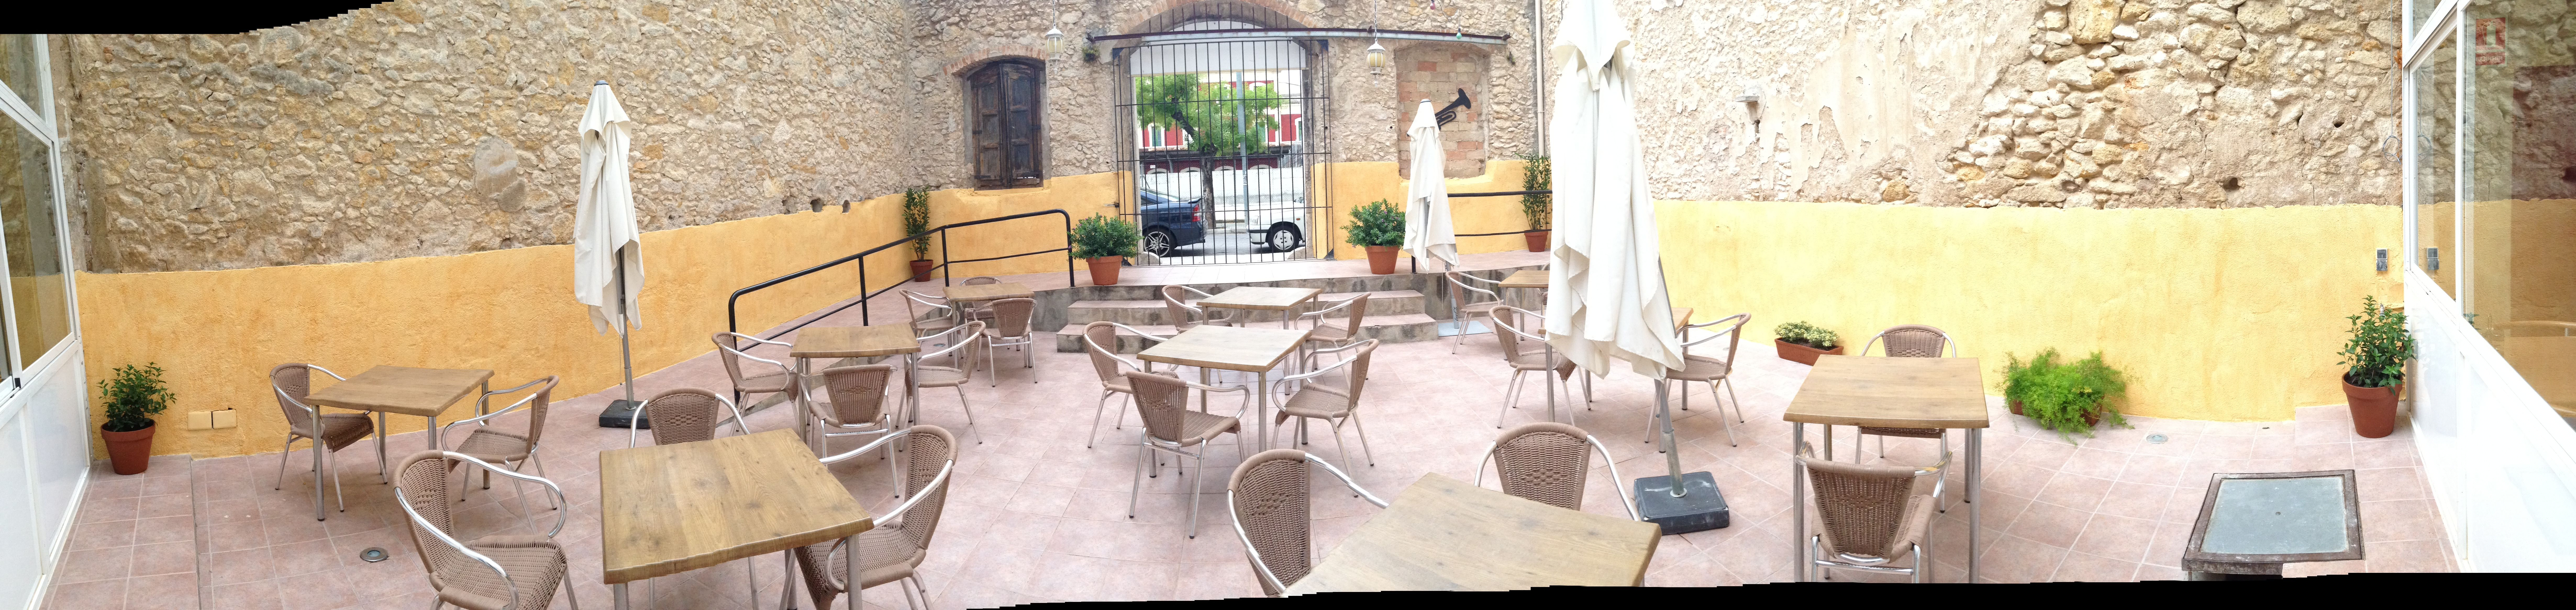 Restaurante brasería Vilafranca del Penedés